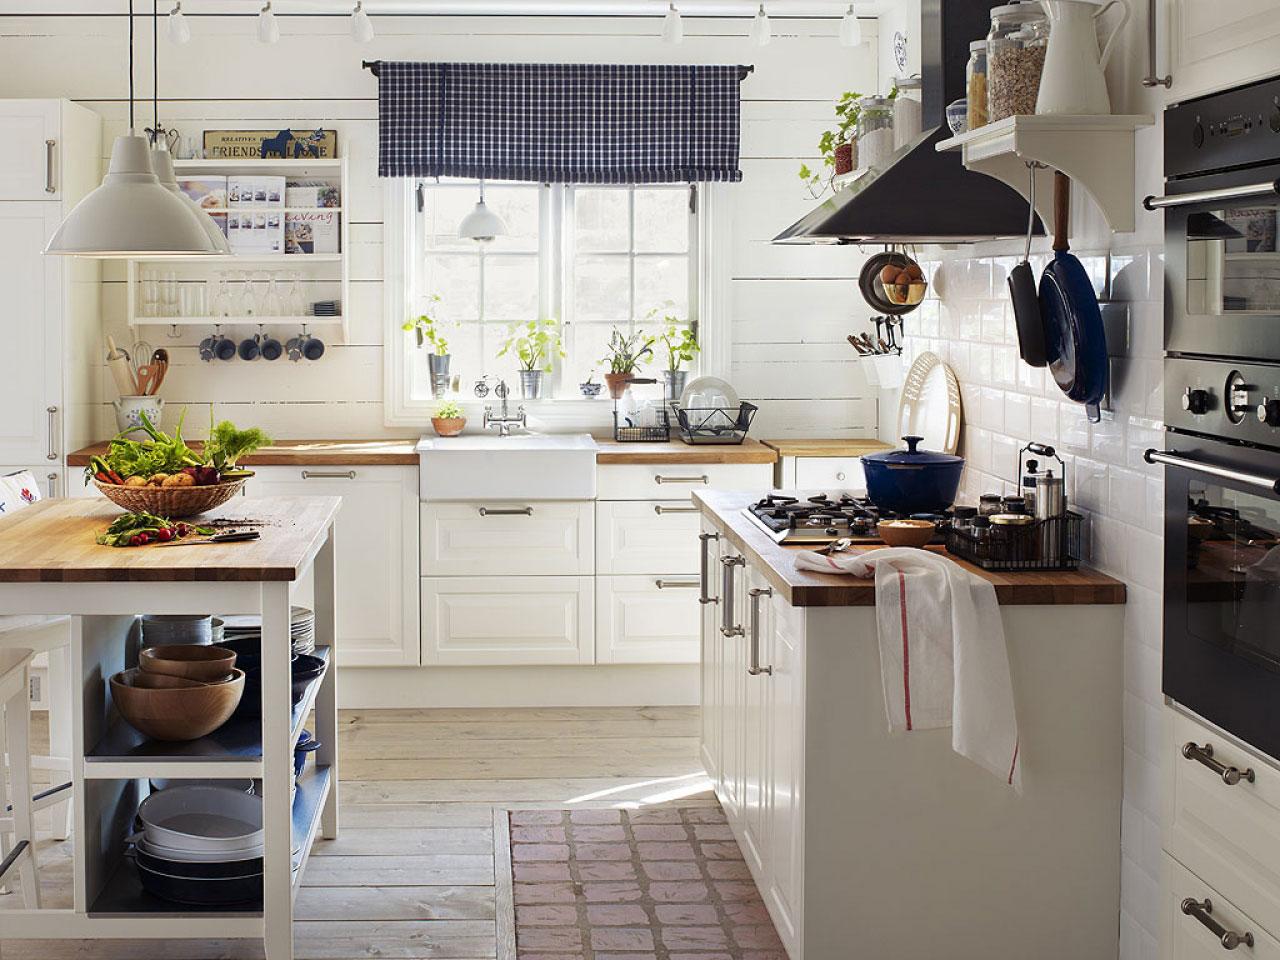 Белая кухня с синими и коричневыми акцентами в стиле кантри